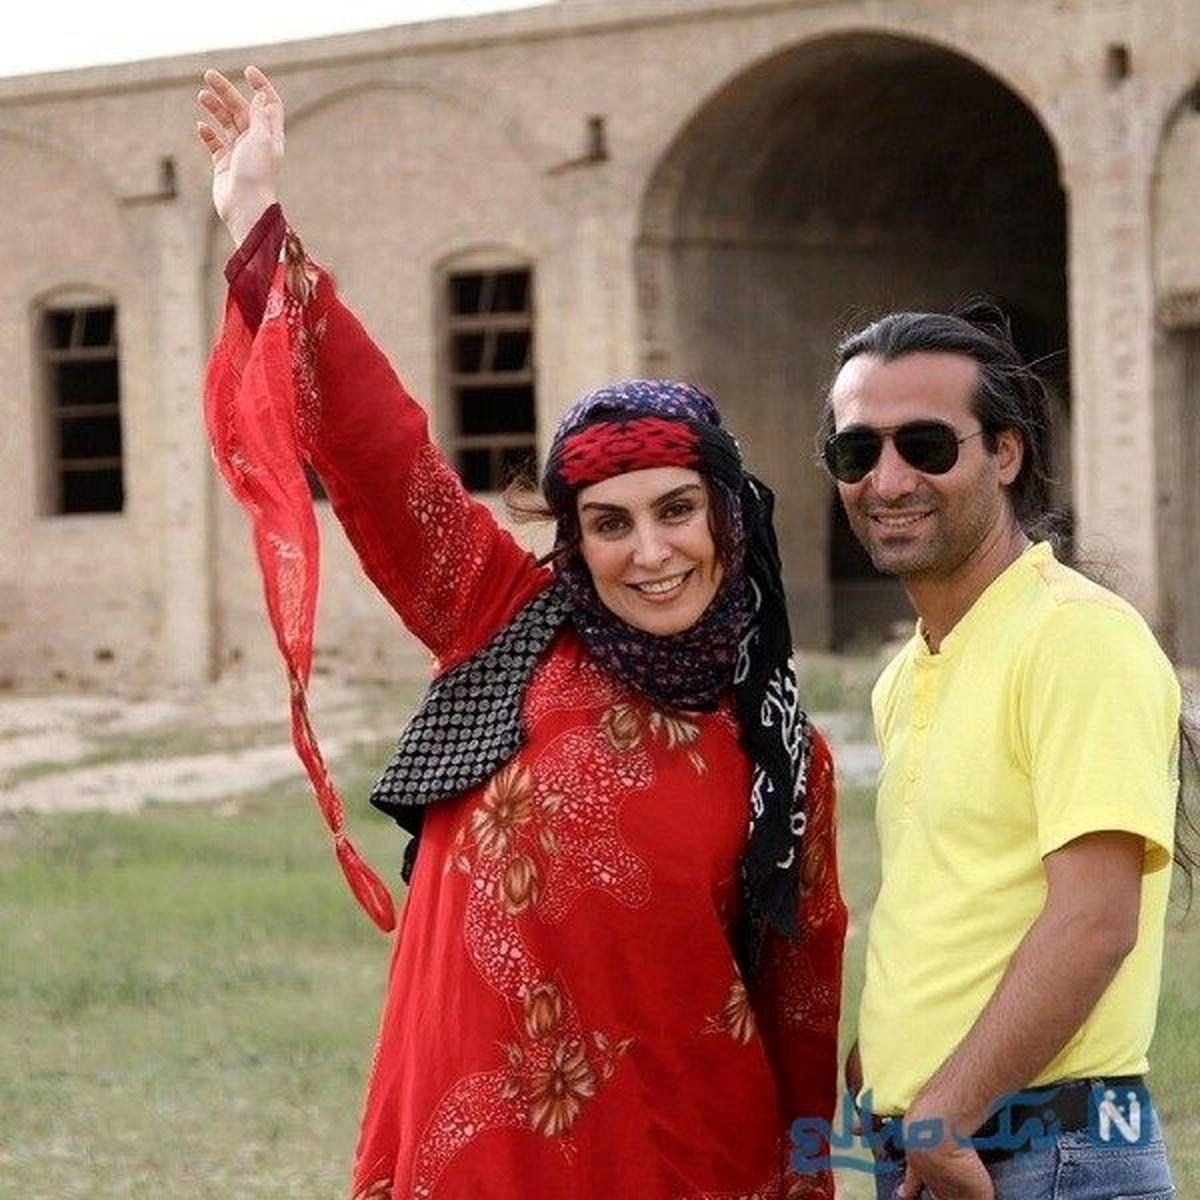 شباهت باورنکردنی خواننده زن ایرانی به ماه چهره خلیلی همه را شوکه کرد + عکس